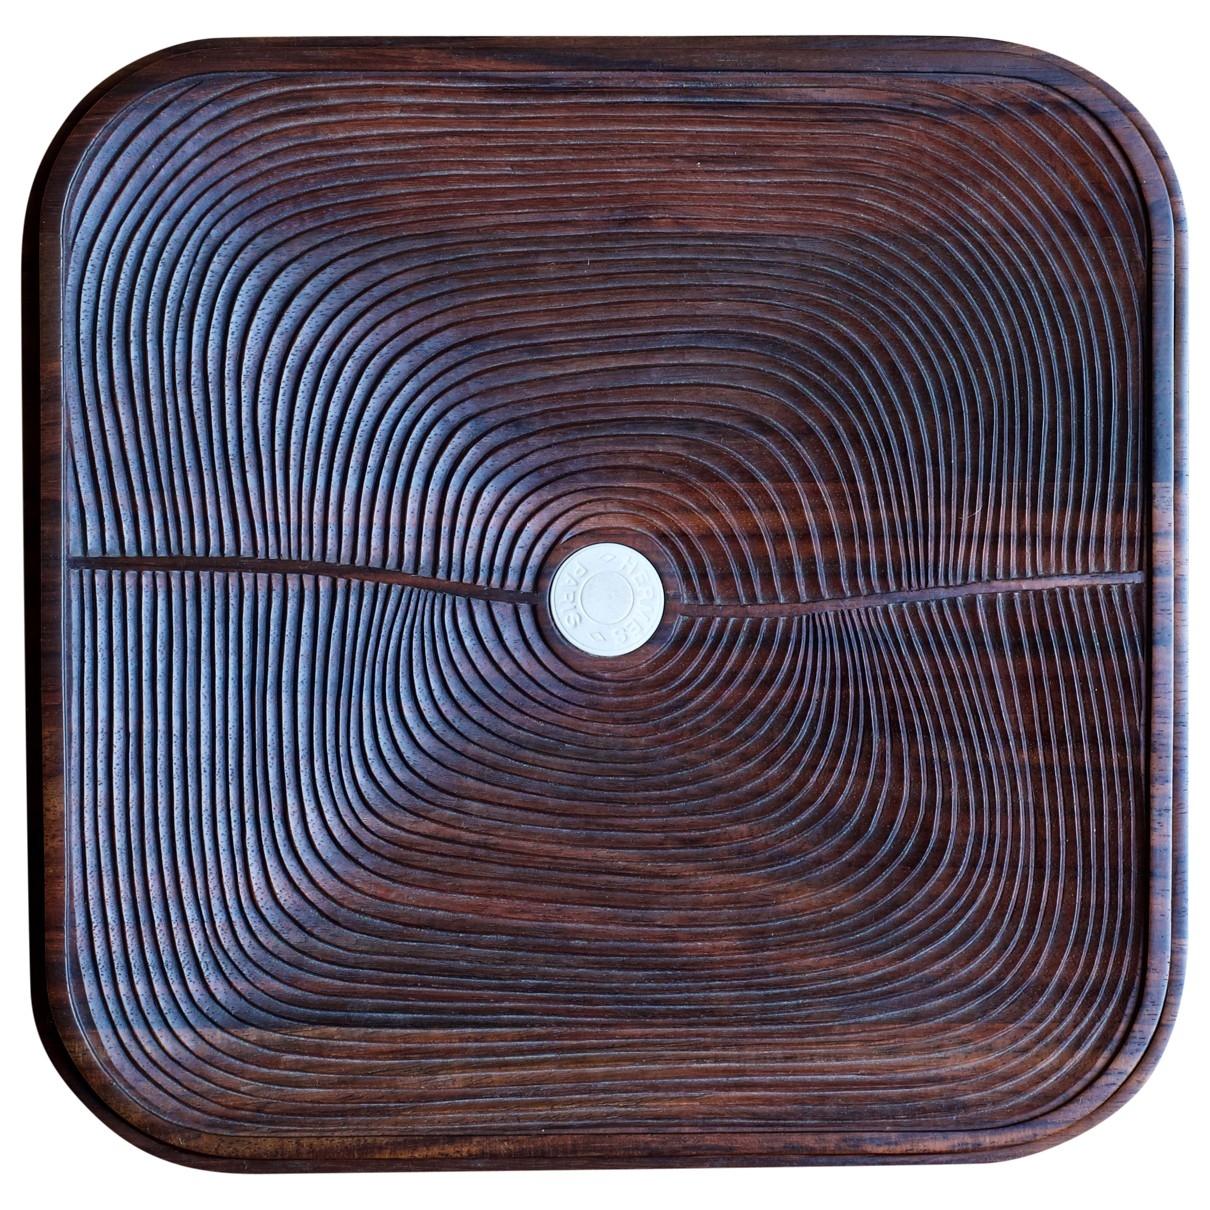 Hermes \N Accessoires und Dekoration in  Braun Holz